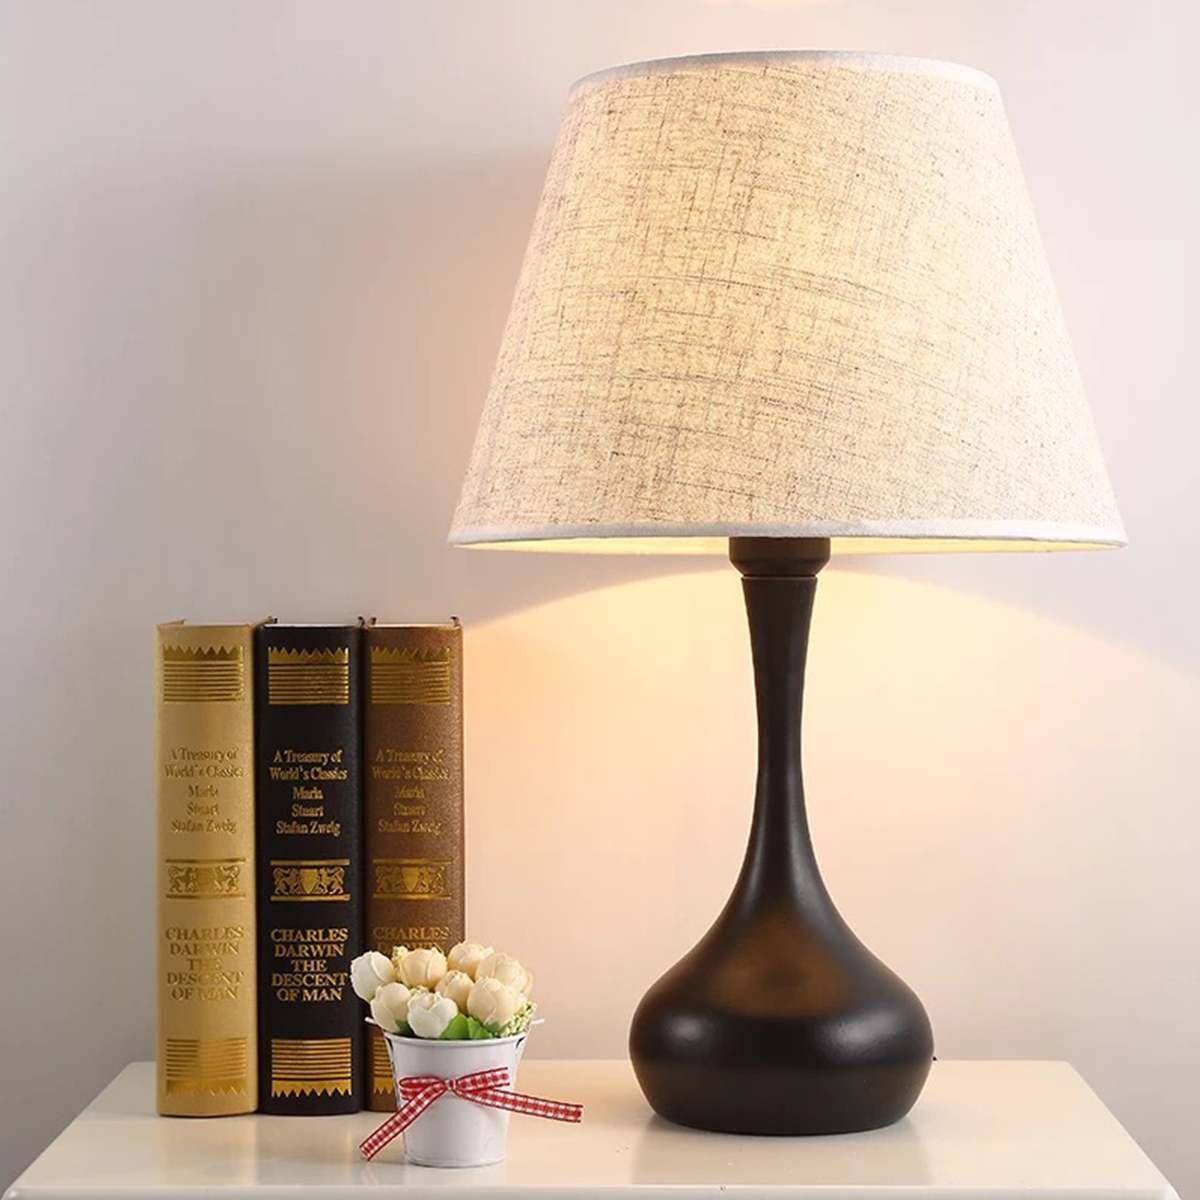 Led Desk Lamp Modern Home Bedside Lamp Bed Table Lamps For Bedroom Living Room Lighting Warm White Lighting Night Light Decor Table Lamps Aliexpress